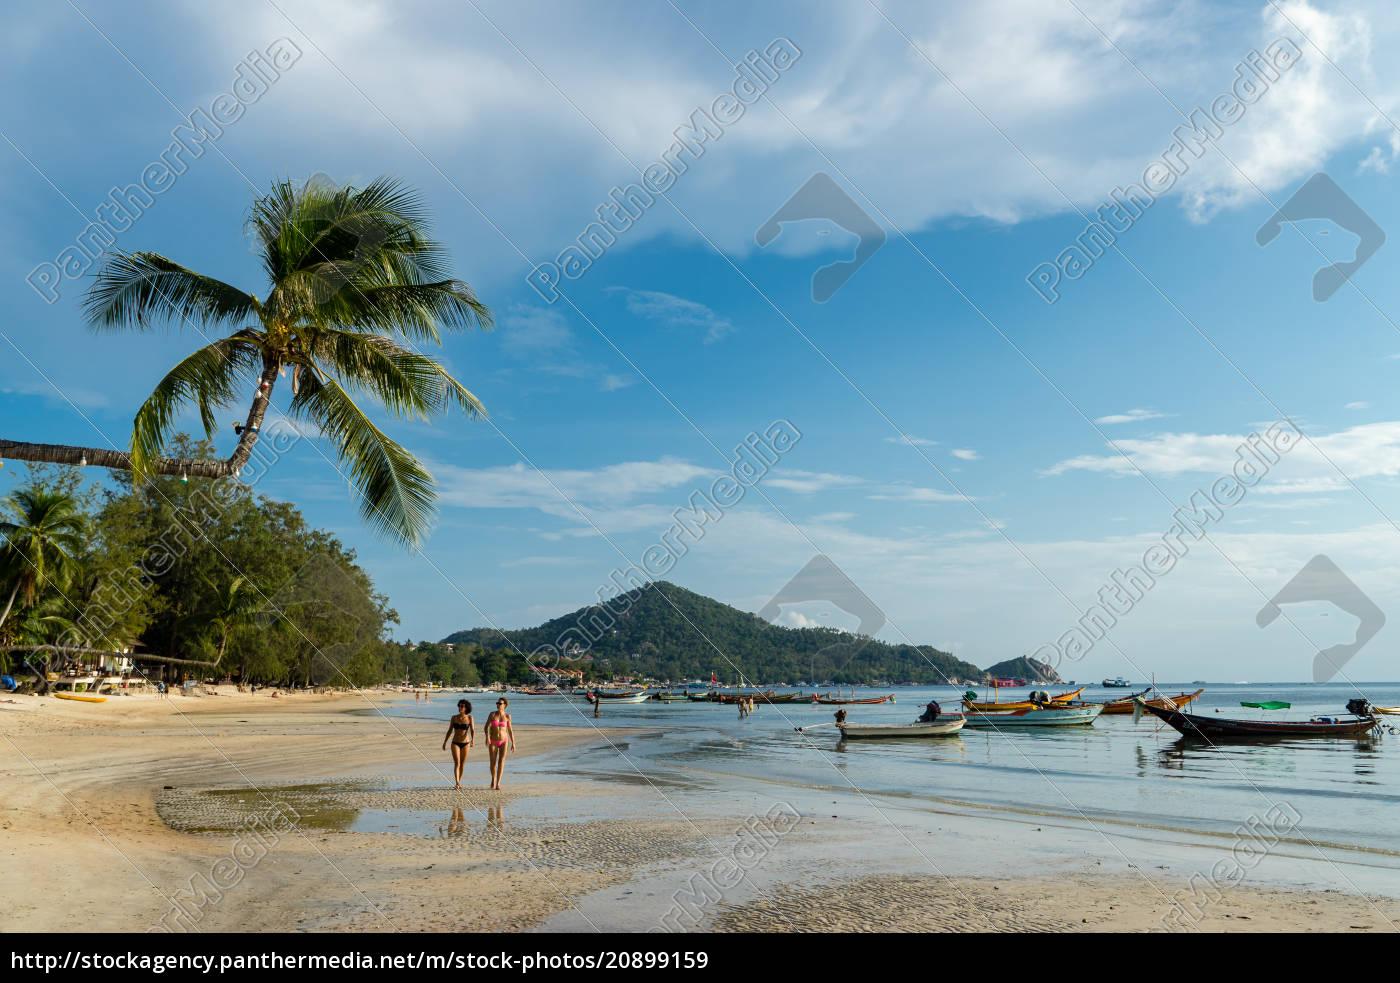 zwei, frauen, auf, sairee, beach, auf, der - 20899159